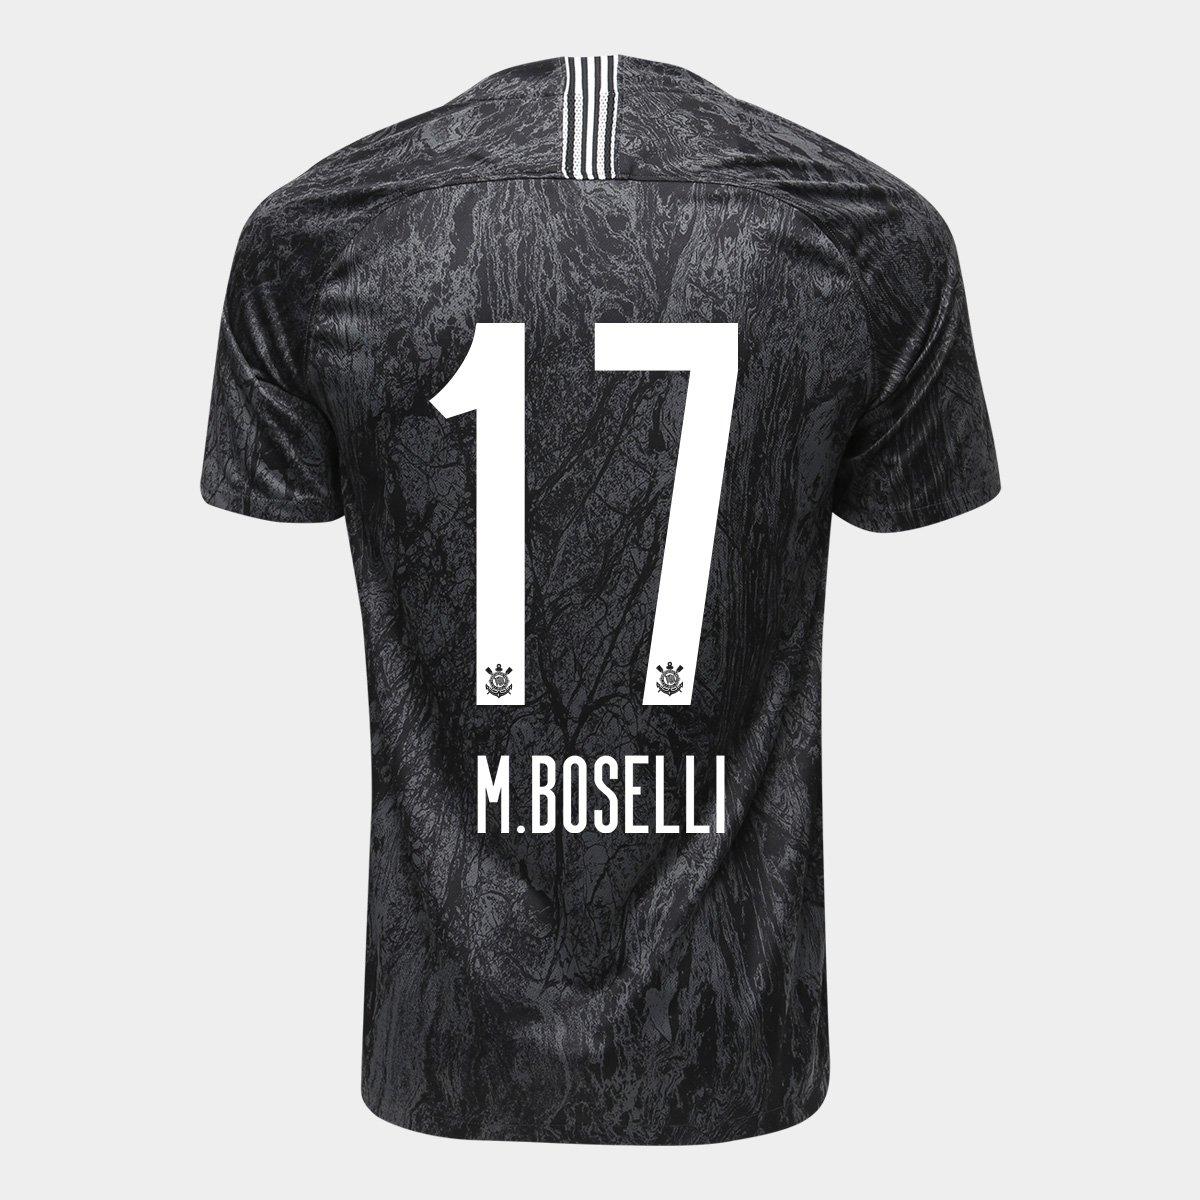 Camisa Corinthians II 18 19 n° 17 - M.Boselli Torcedor Nike Masculina 498d83857845a